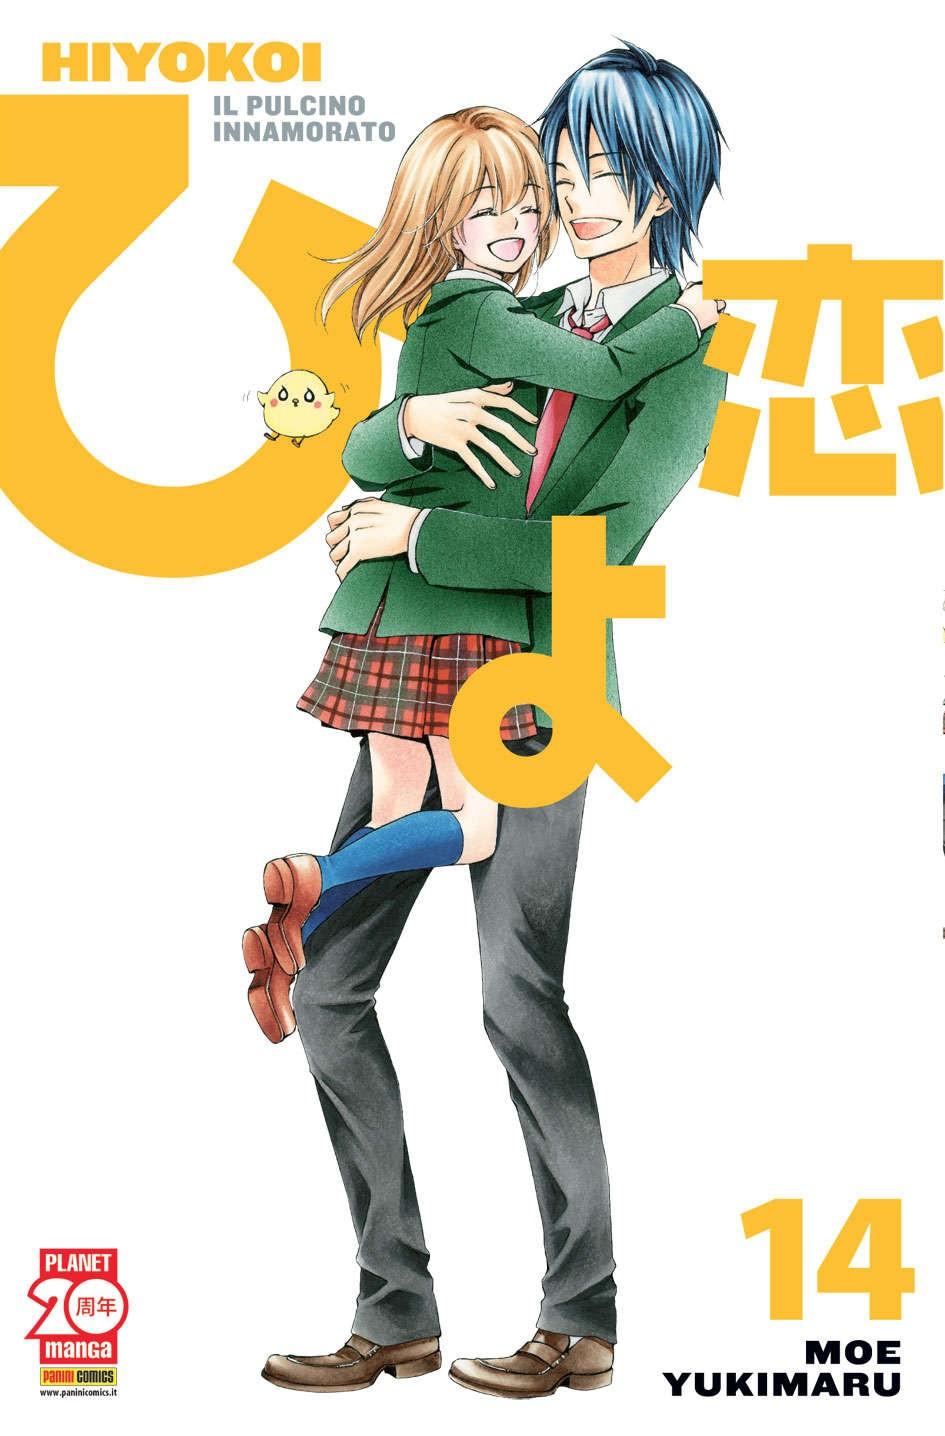 Hiyokoi - N° 14 - Il Pulcino Innamorato - Planet Ai Planet Manga